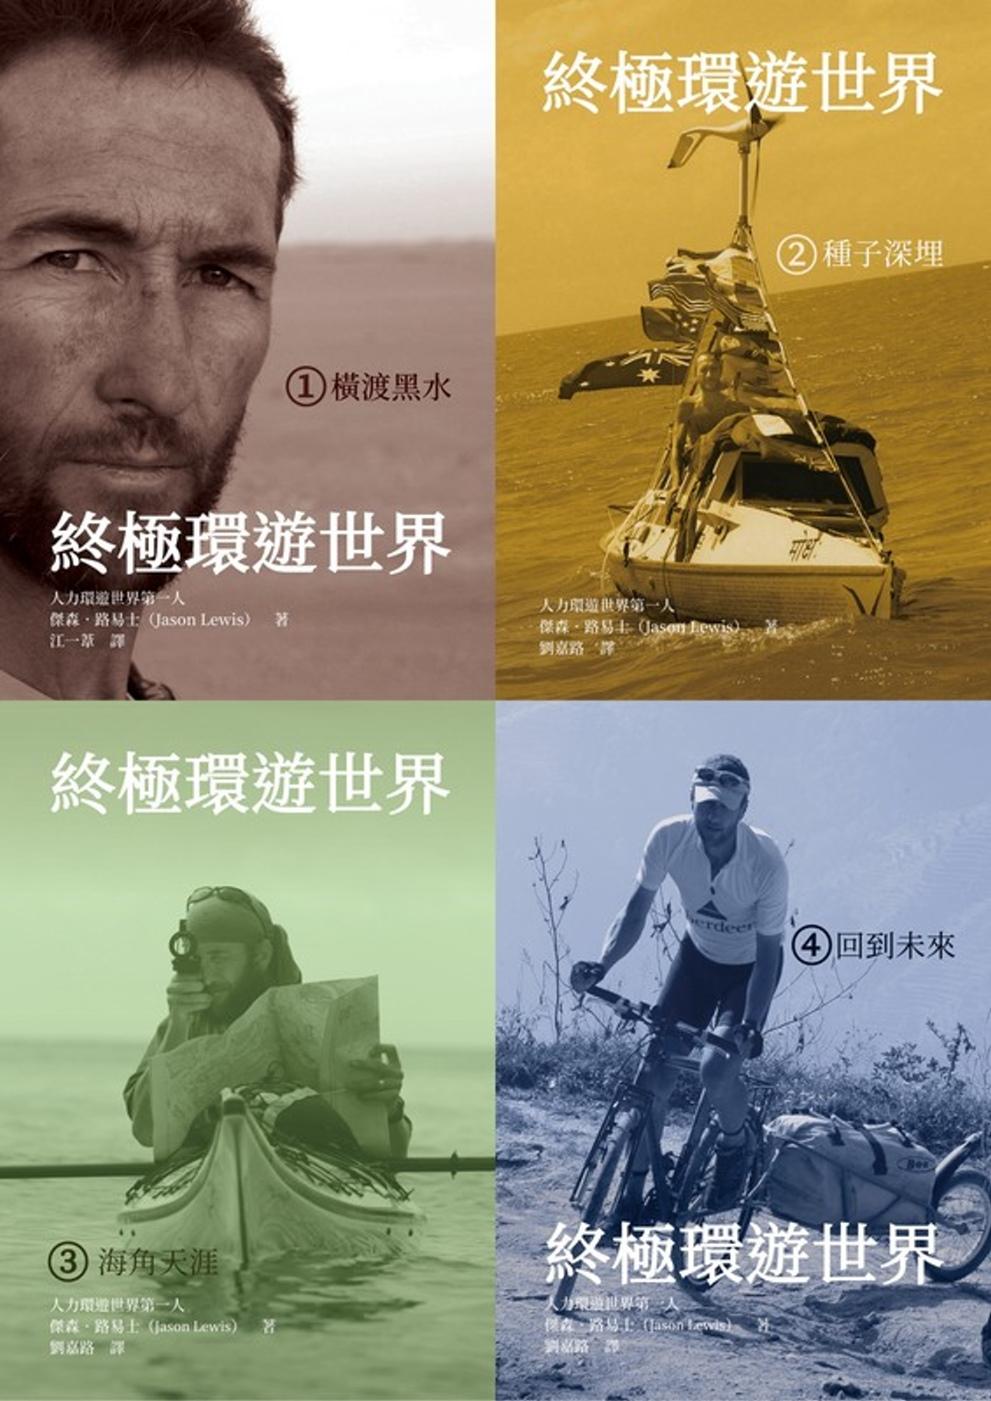 終極環遊世界(四部曲)套書:1.橫渡黑水 2.種子深埋 3.海角天涯 4.回到未來